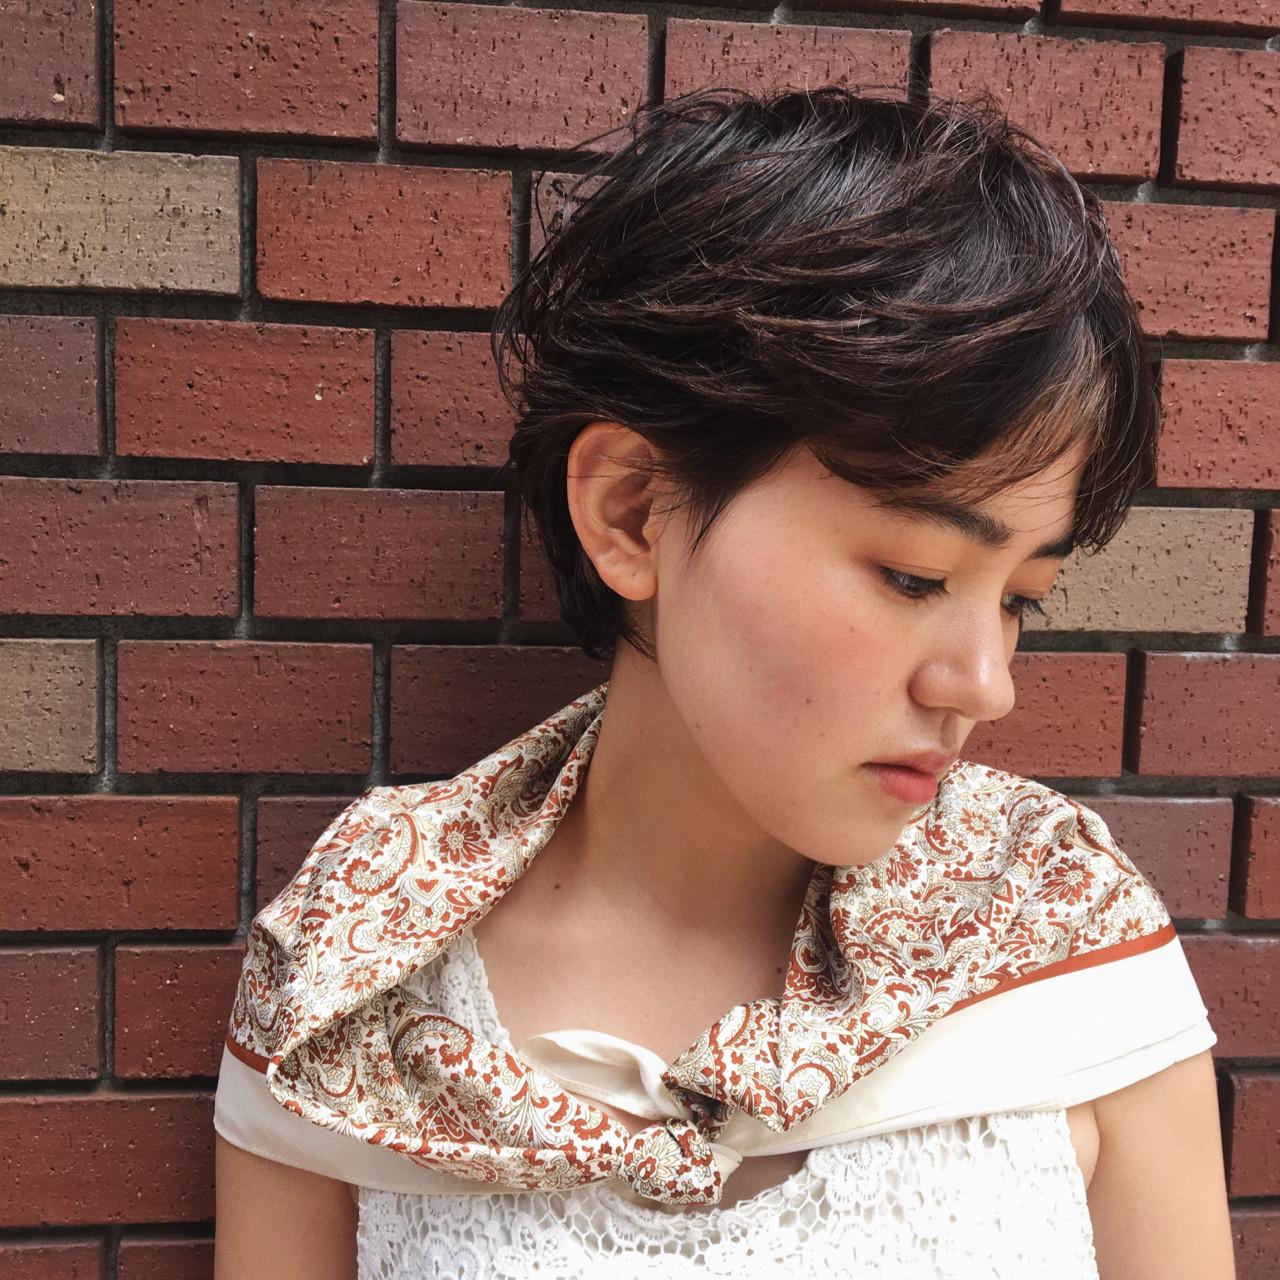 前髪あり ショート モード センター分け ヘアスタイルや髪型の写真・画像